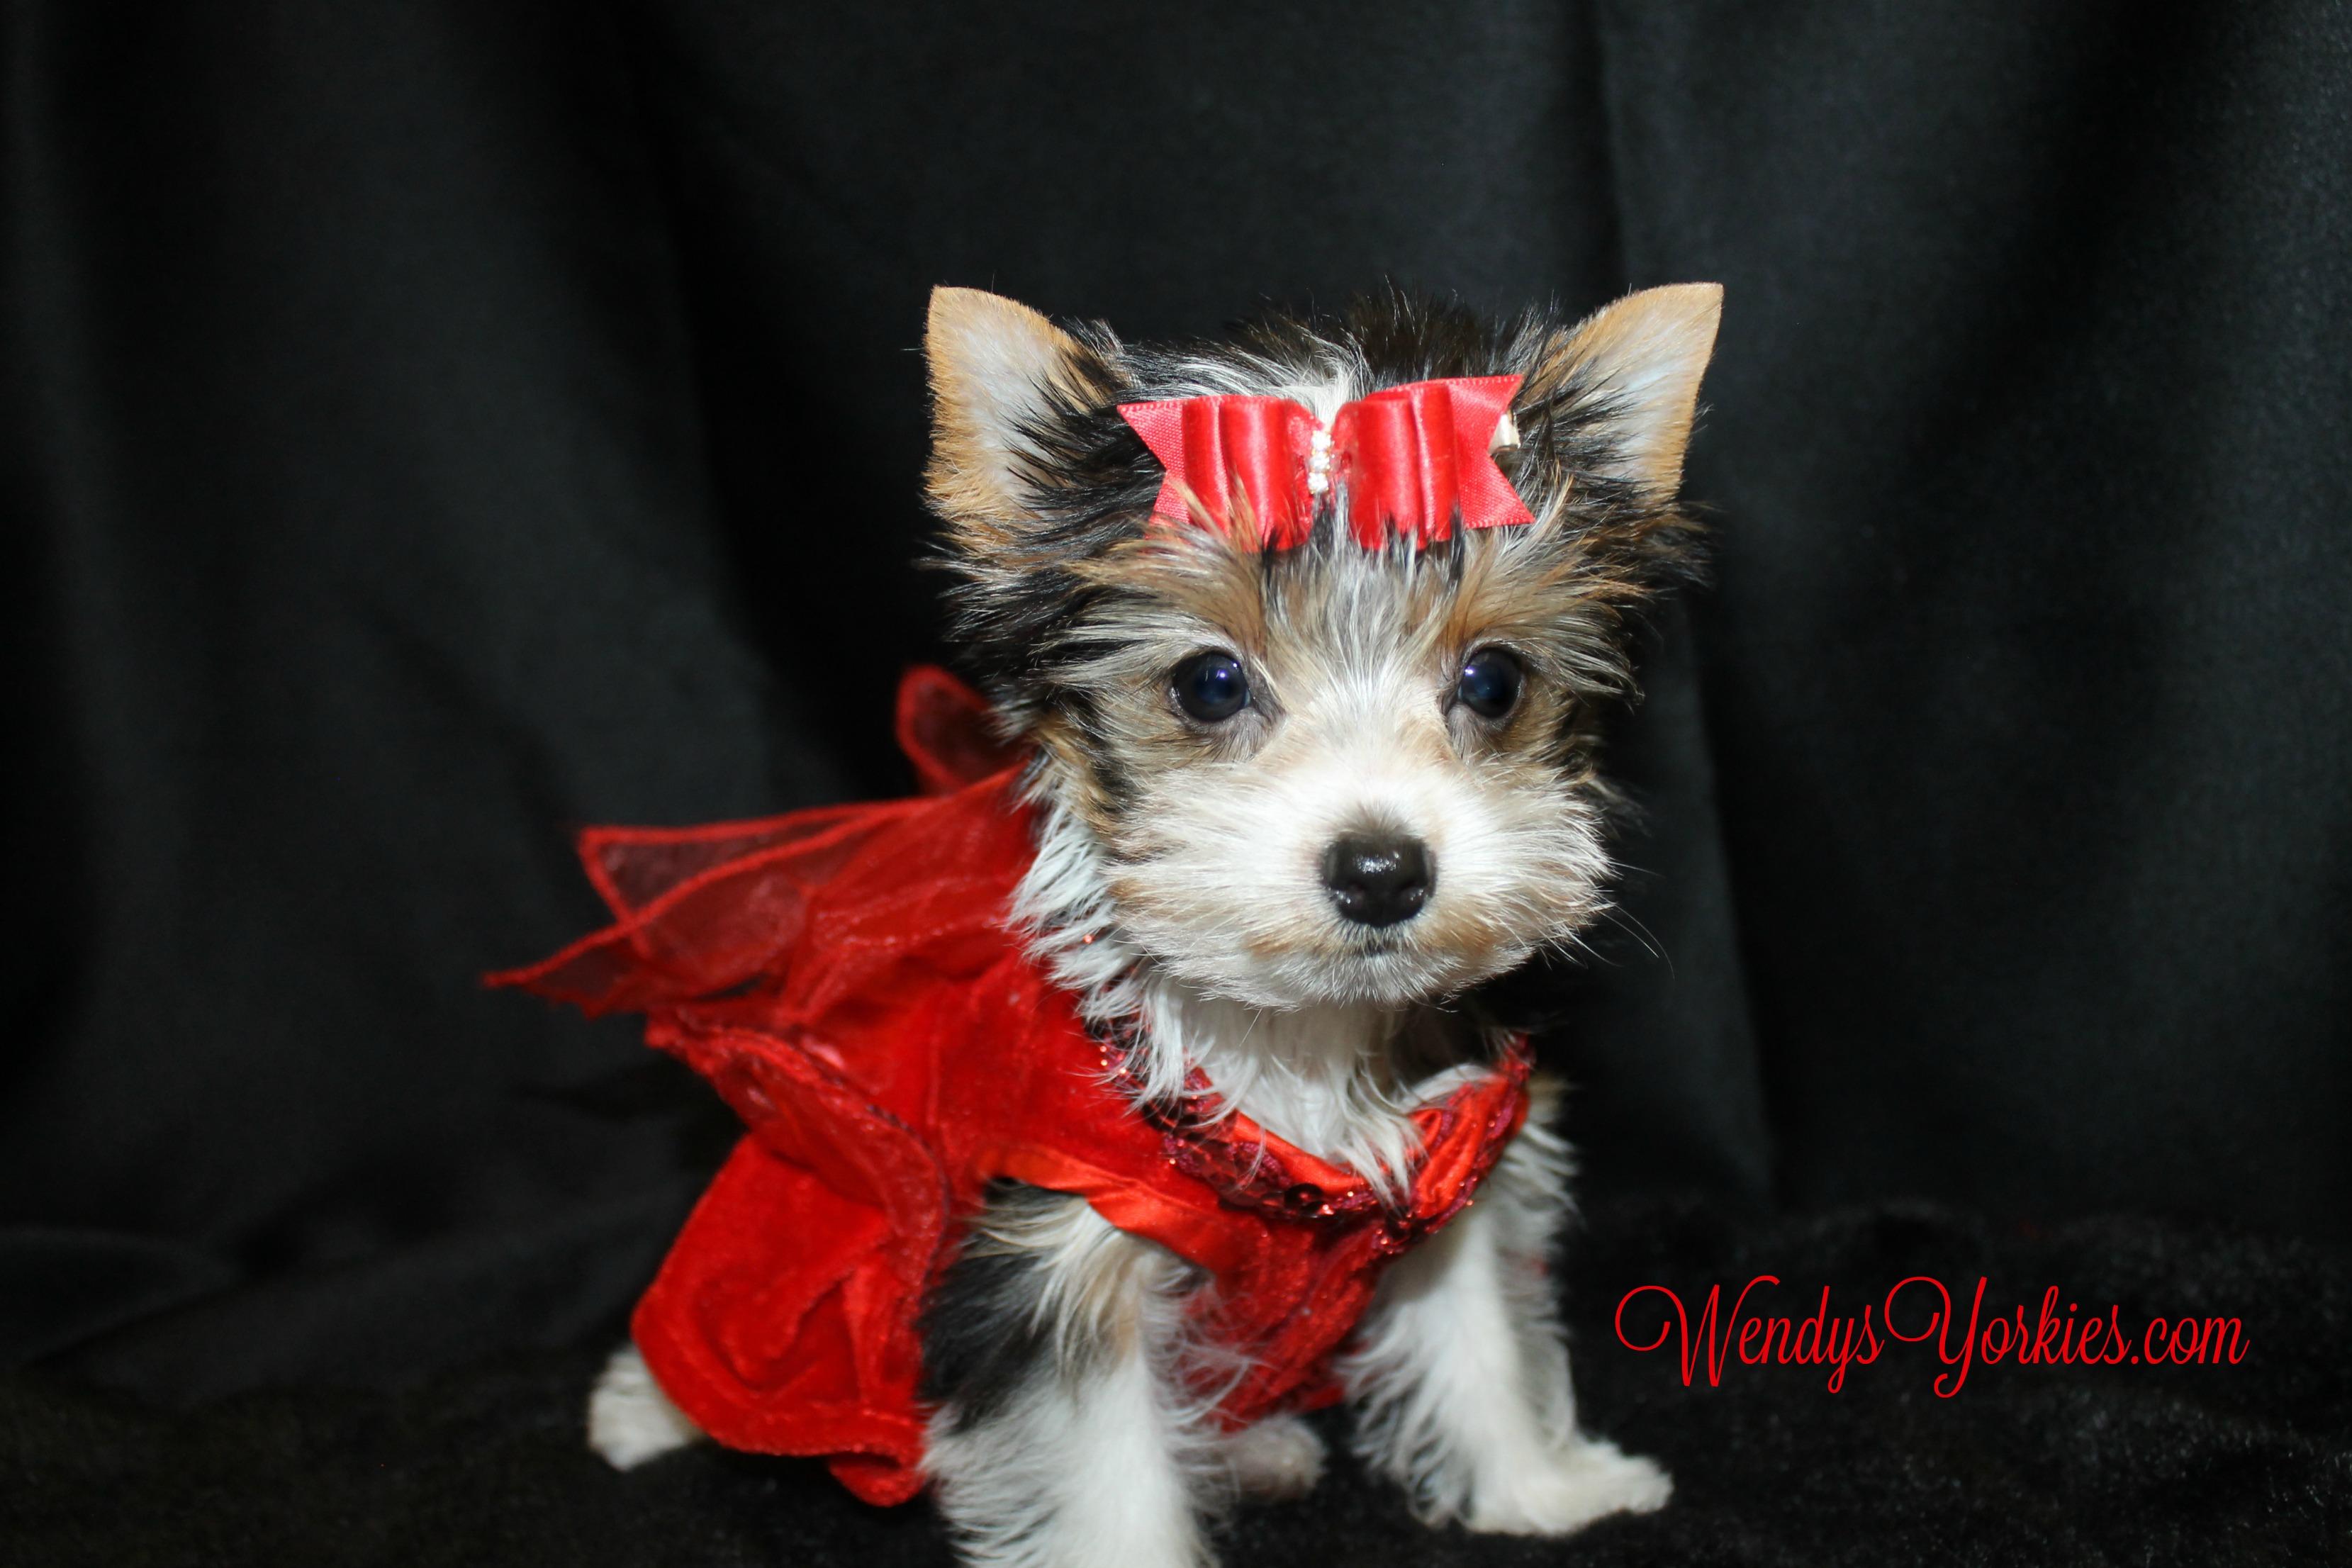 Yorkies puppies for sale, Parti Yorkie for sale, WendysYorkies, Ella